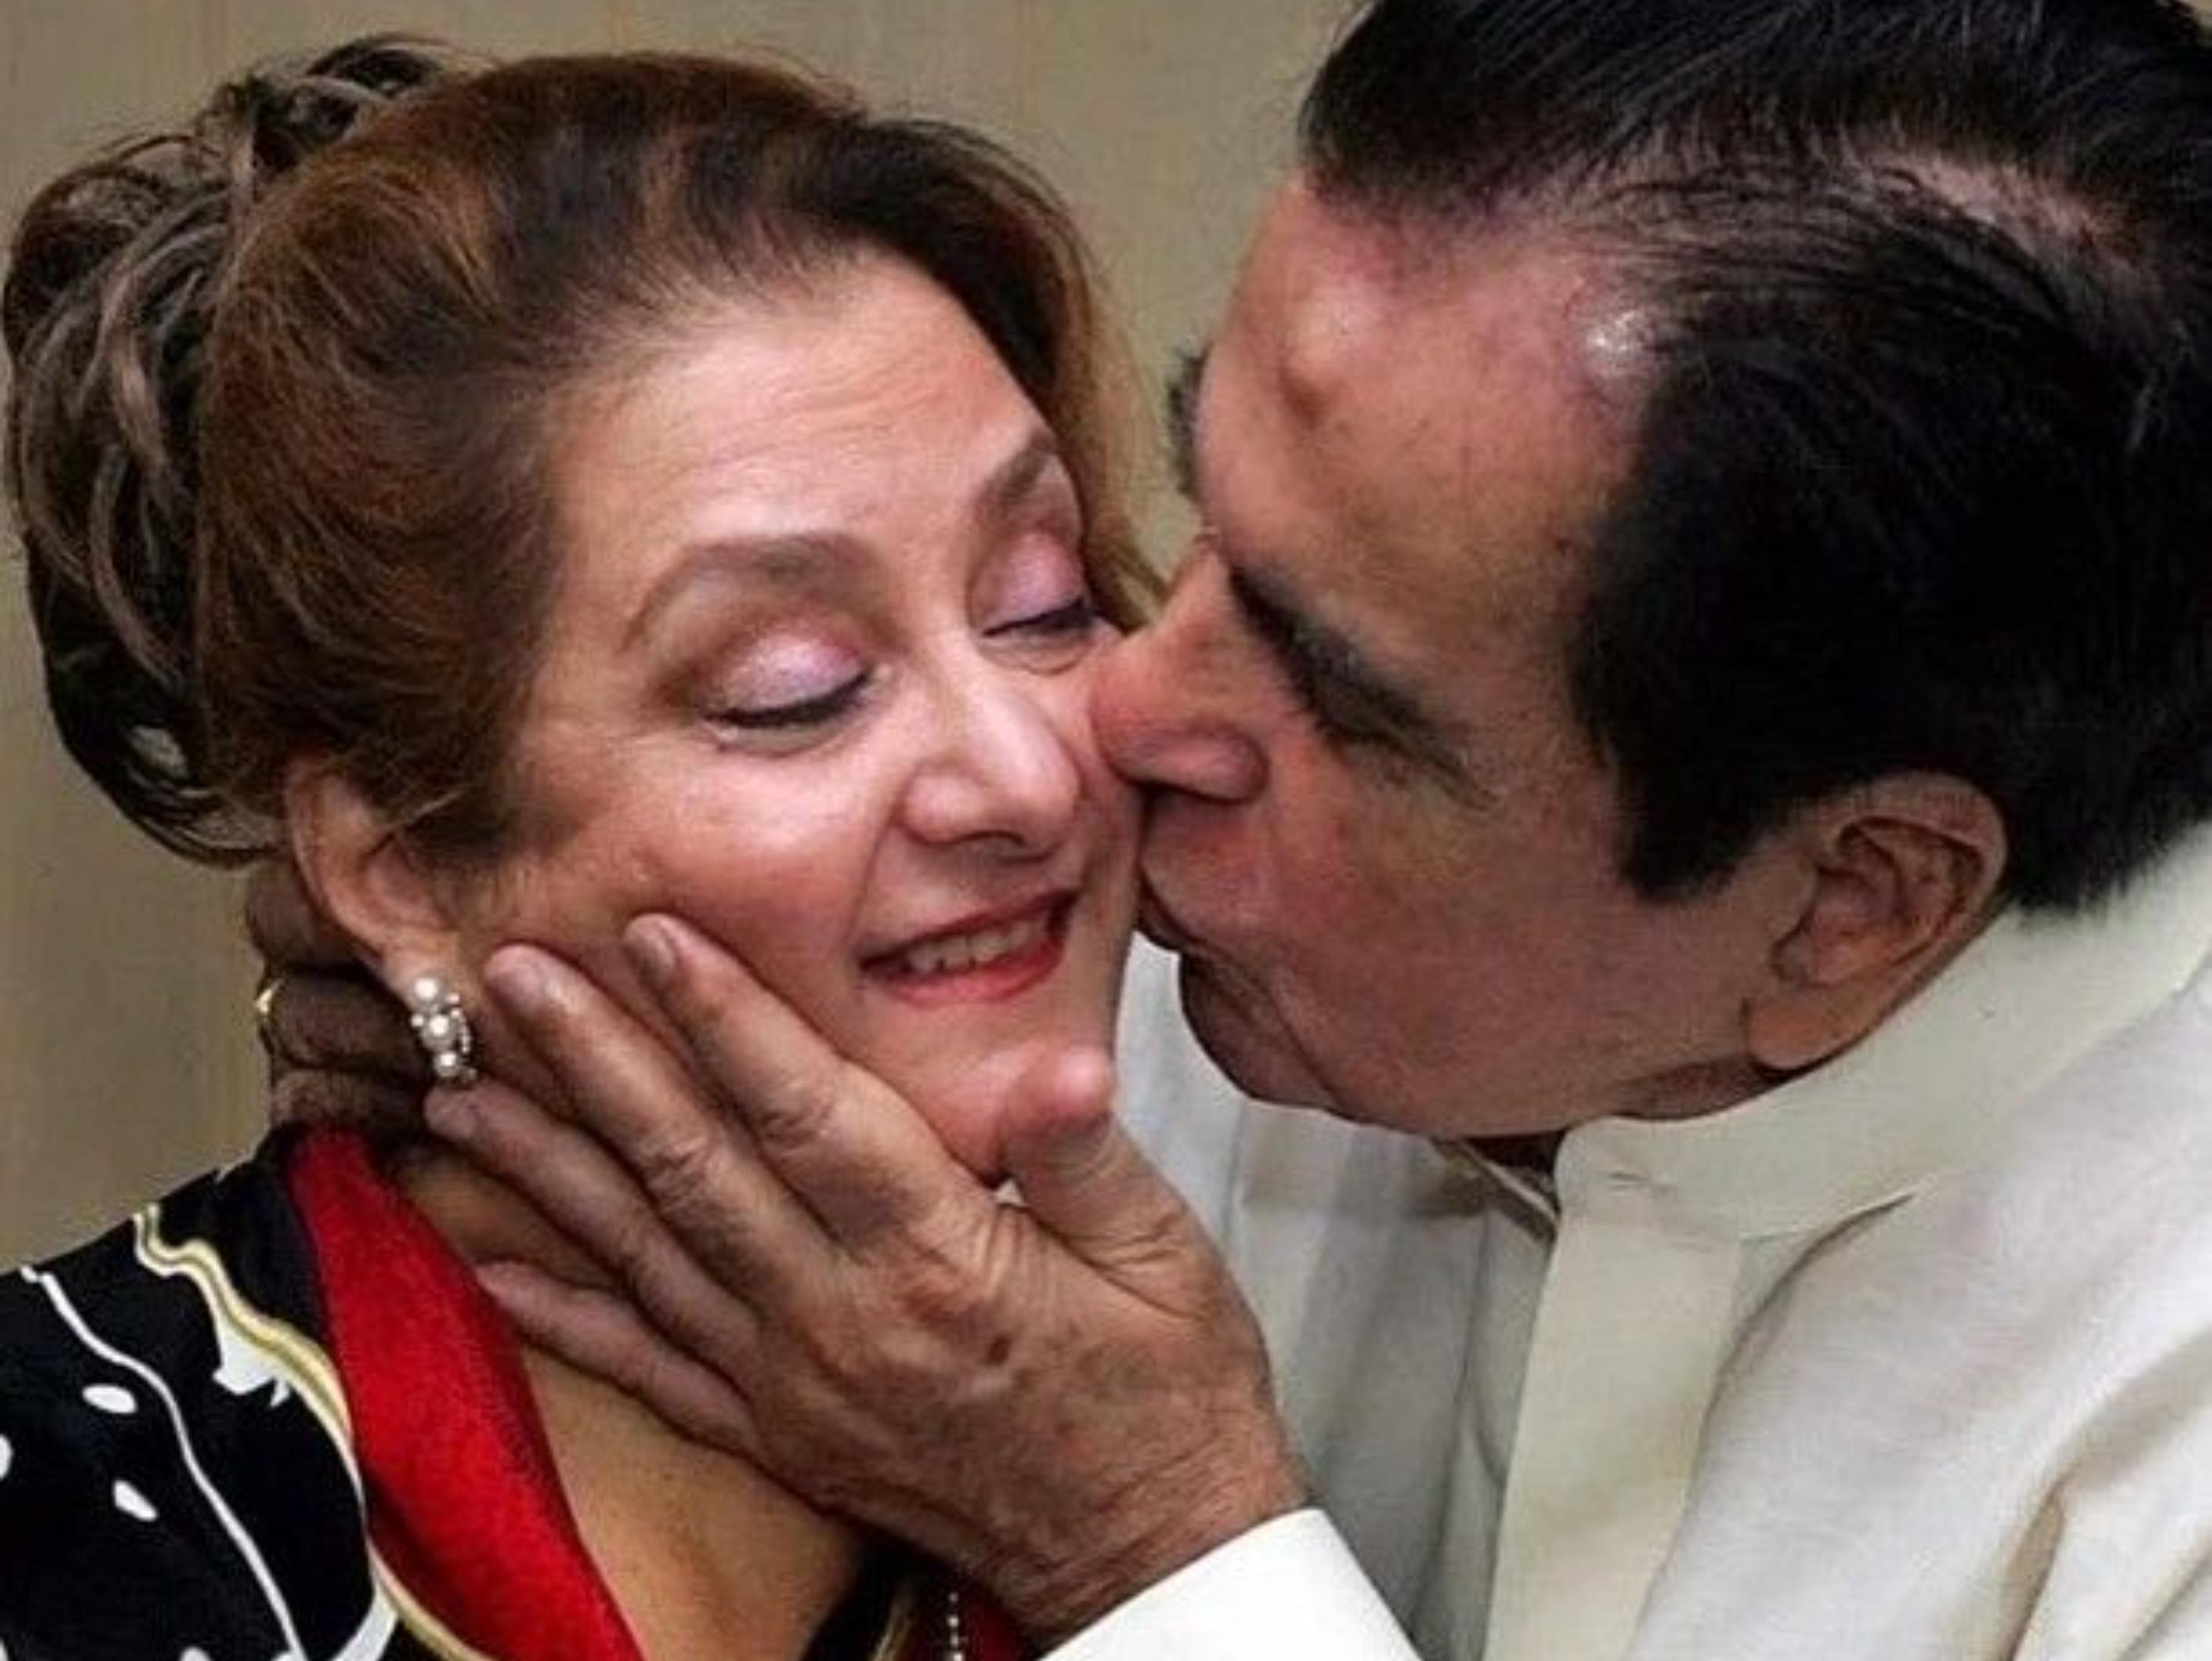 दिलीप कुमार ने 1966 में सायरा बानो से शादी की थी। जिस समय शादी हुई थी उस समय सायरा 22 साल और दिलीप 44 साल के थे। - Dainik Bhaskar